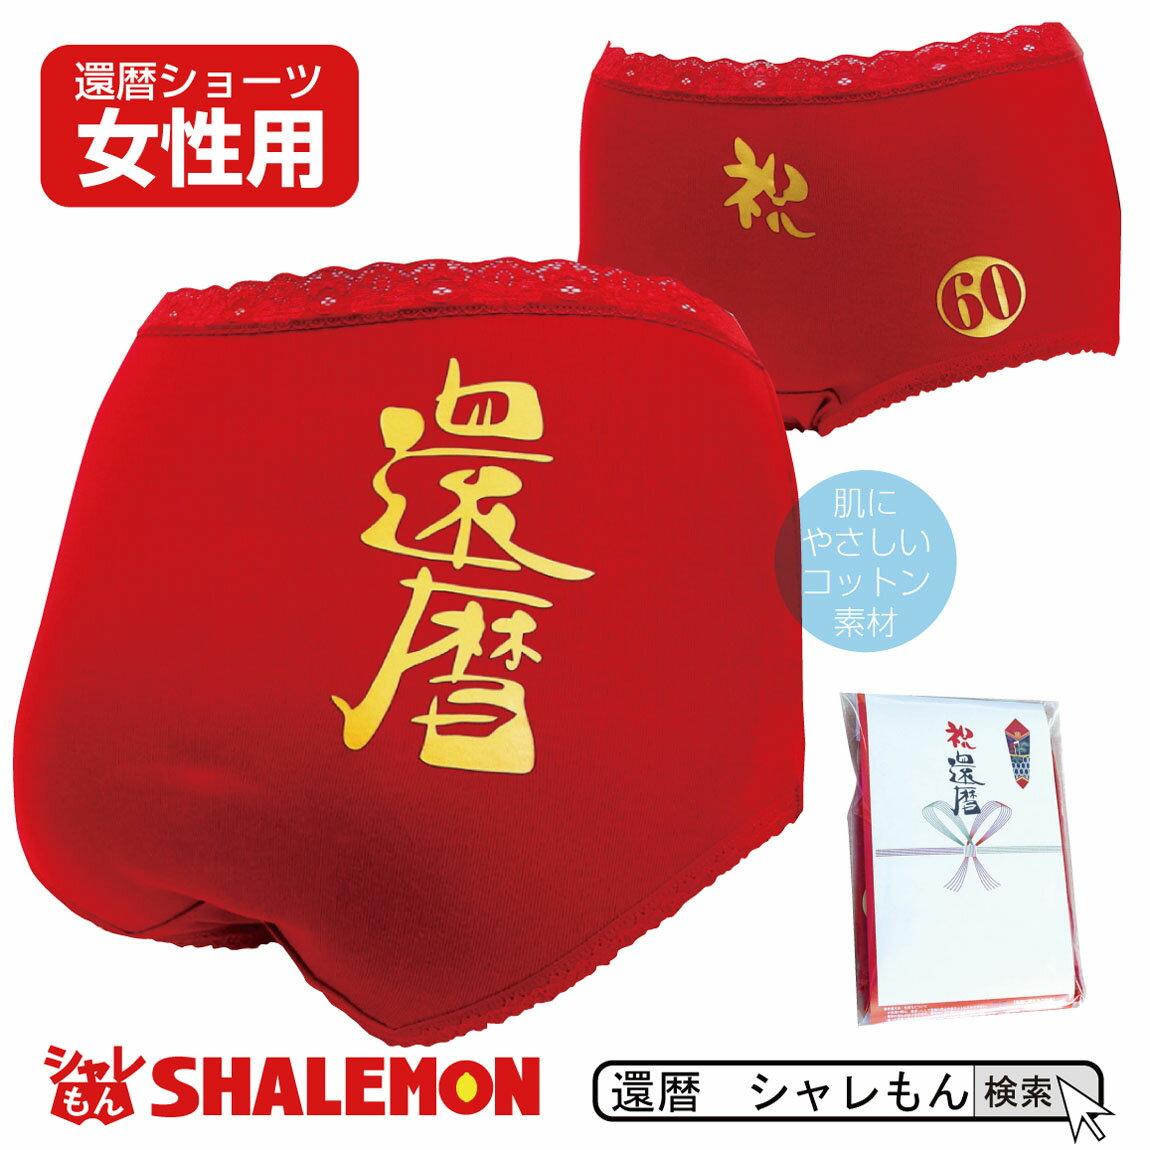 還暦祝い 母 女性 還暦 下着 ショーツ パンツ 肌着 プレゼント ちゃんちゃんこ の代わりに 02P02Sep17